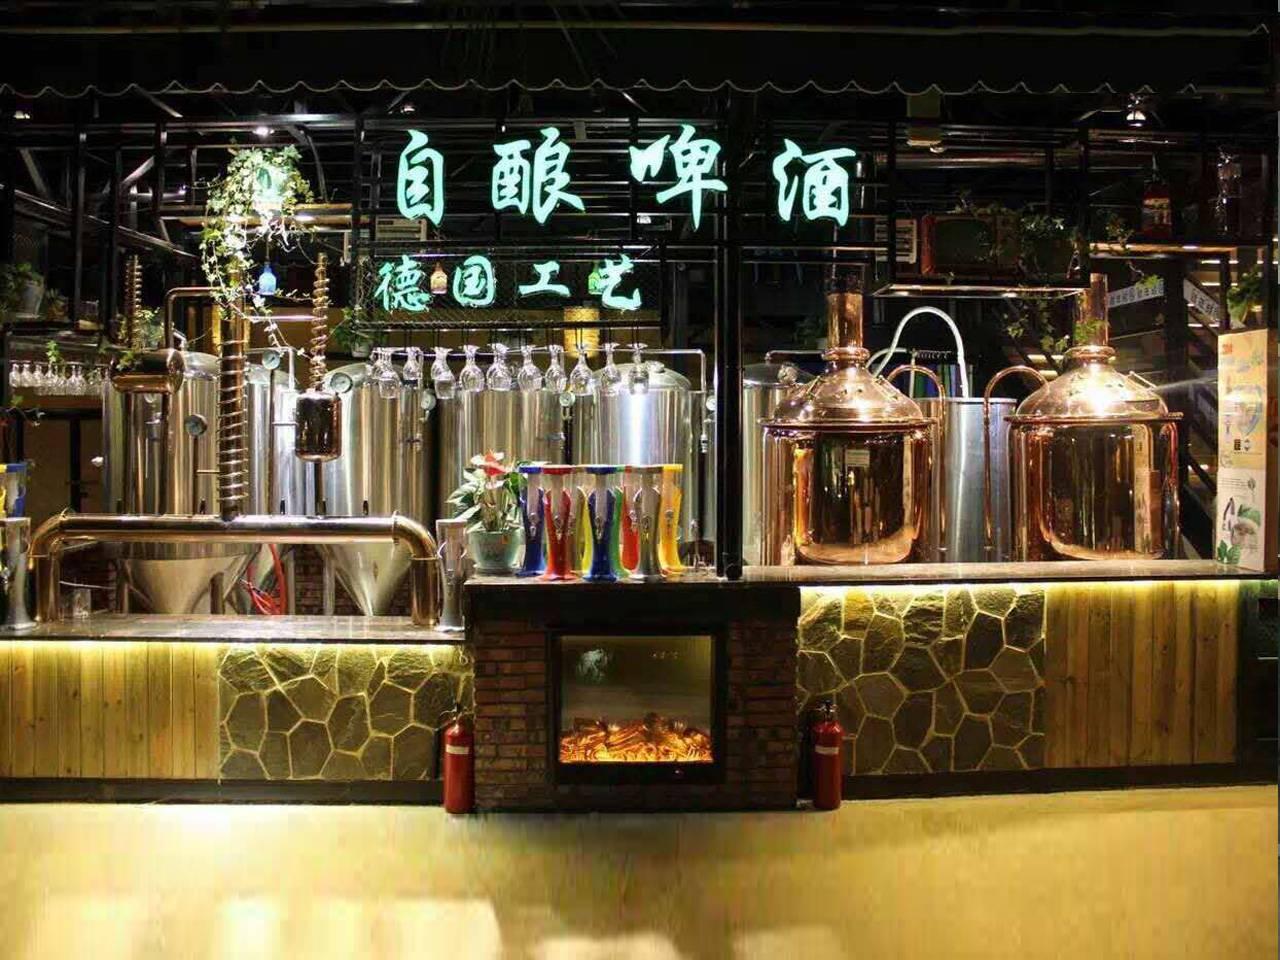 重庆哪里有精酿啤酒设备报价-精酿啤酒机多少钱一台?谁知道最新的精酿啤酒-大麦丫-精酿啤酒连锁超市,工厂店平价酒吧免费加盟